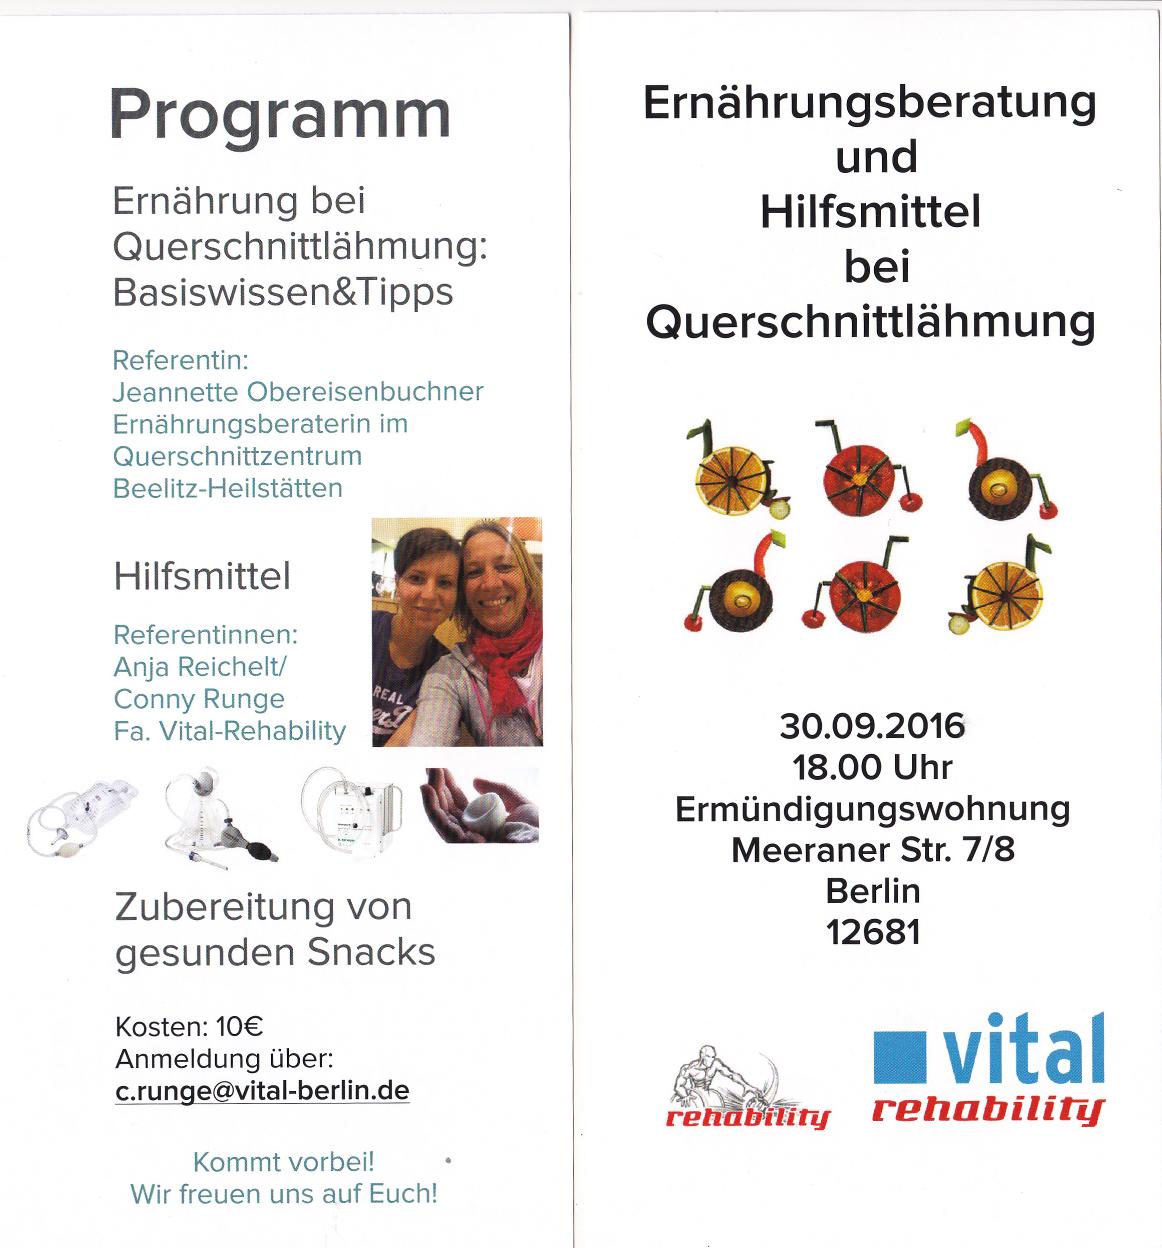 Veranstaltung 'Ernährung & Hilfsmittel bei Querschnittslähmung' bei Vital-Rehability